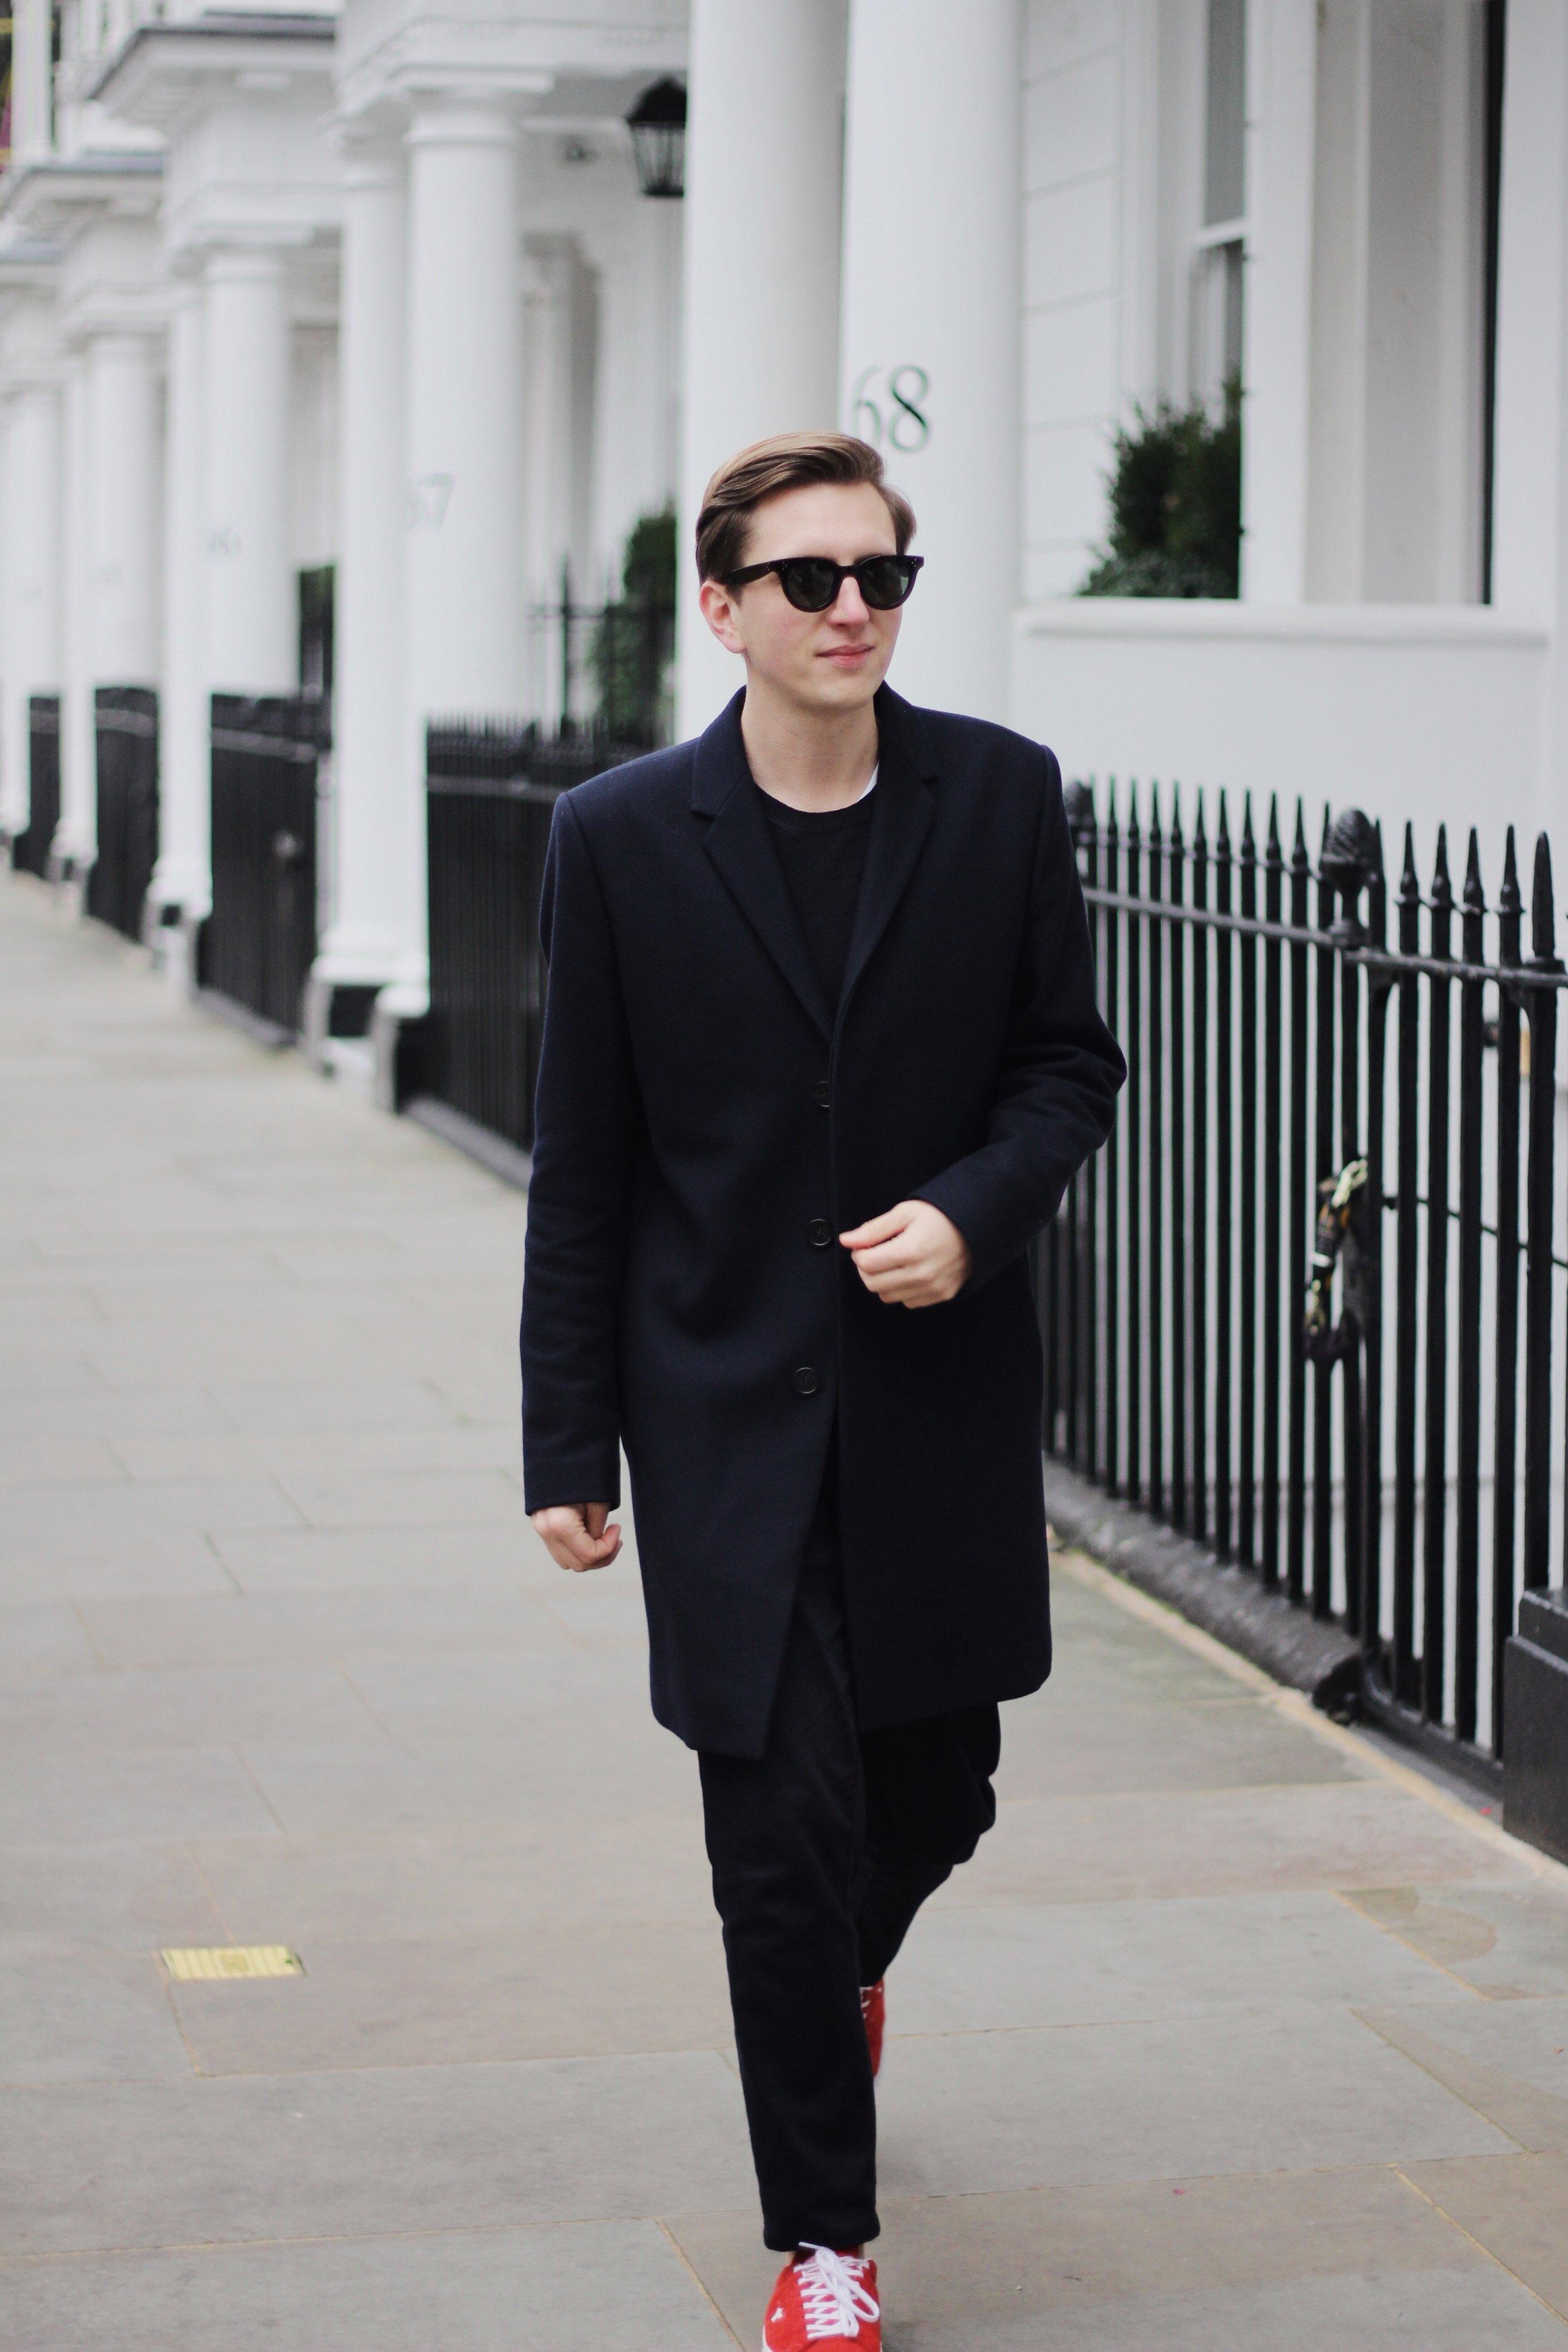 southkensington_london_ootd_style_menswear_cos